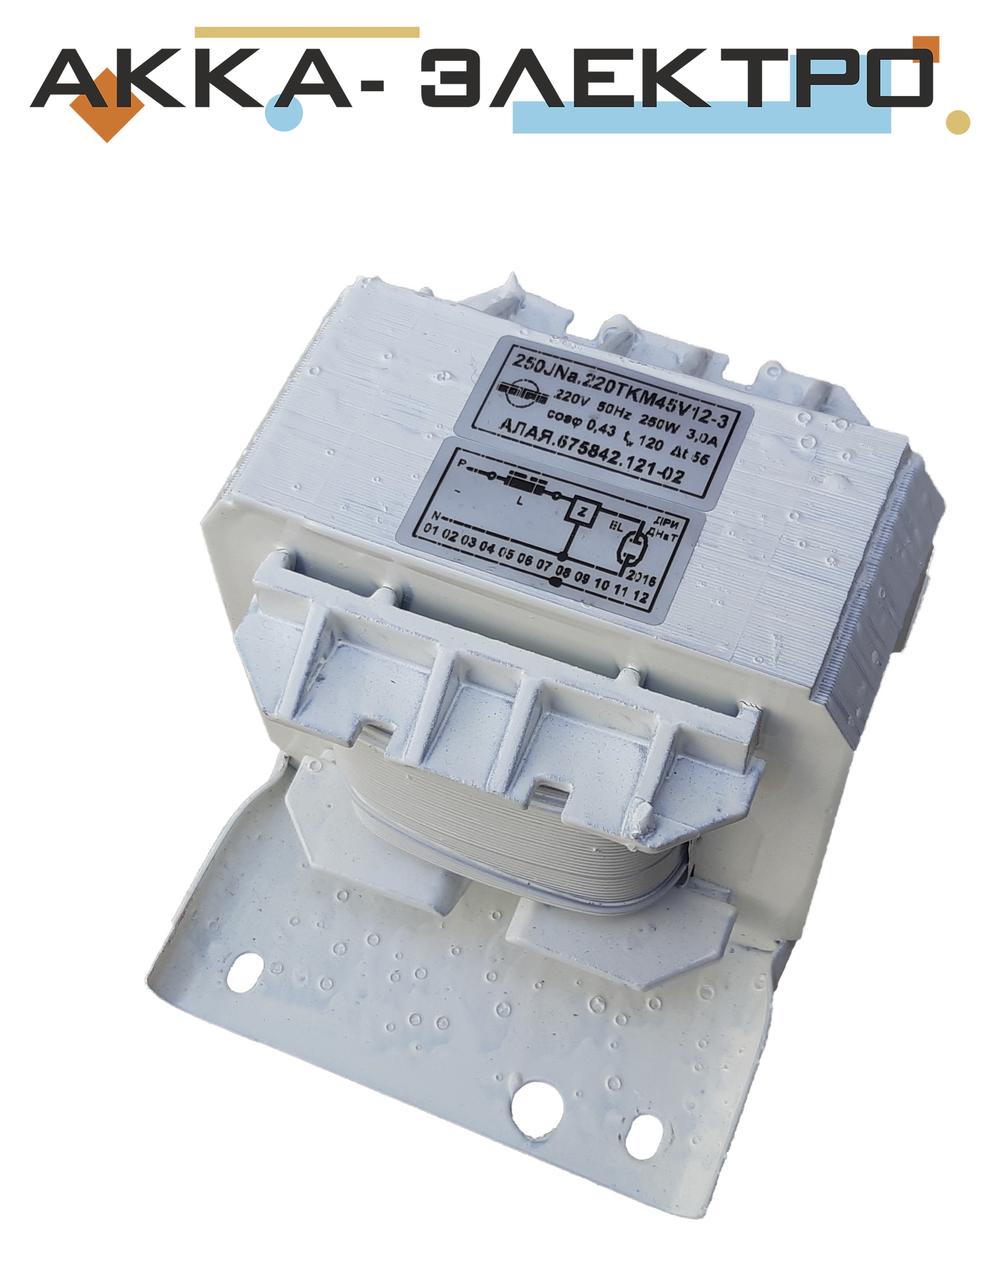 Баласт (дросель) для ламп ДРЛ / МГЛ 250Вт